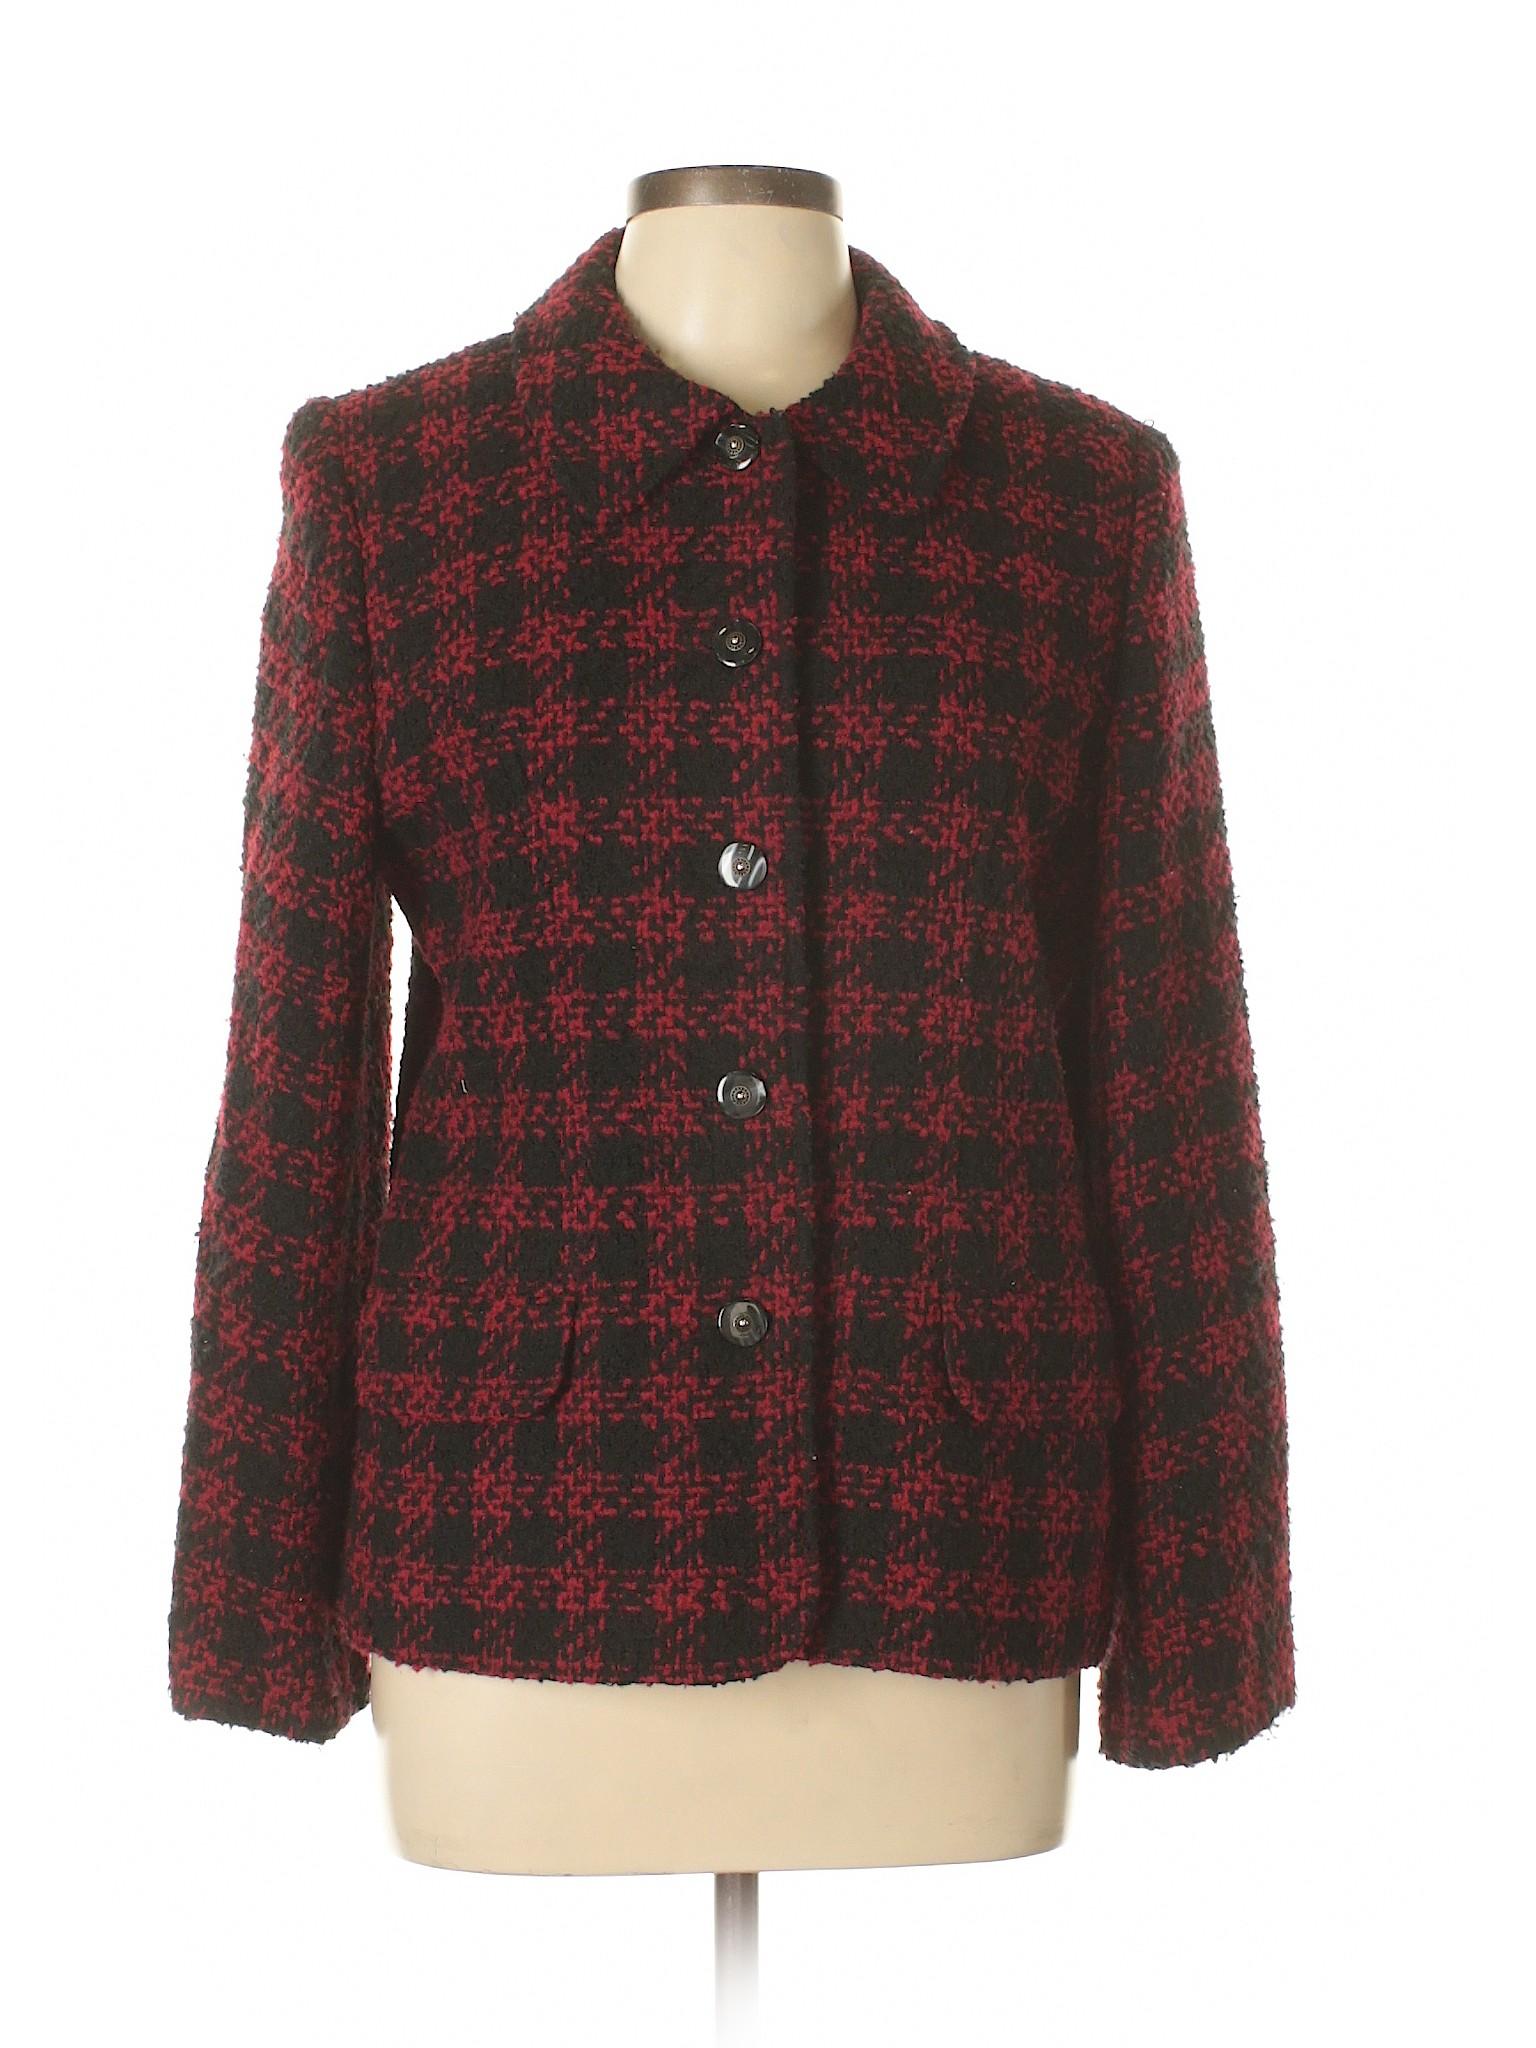 winter Jacket Jacket Koret Koret winter winter Leisure Koret Jacket Leisure Leisure Leisure qPa1zxP